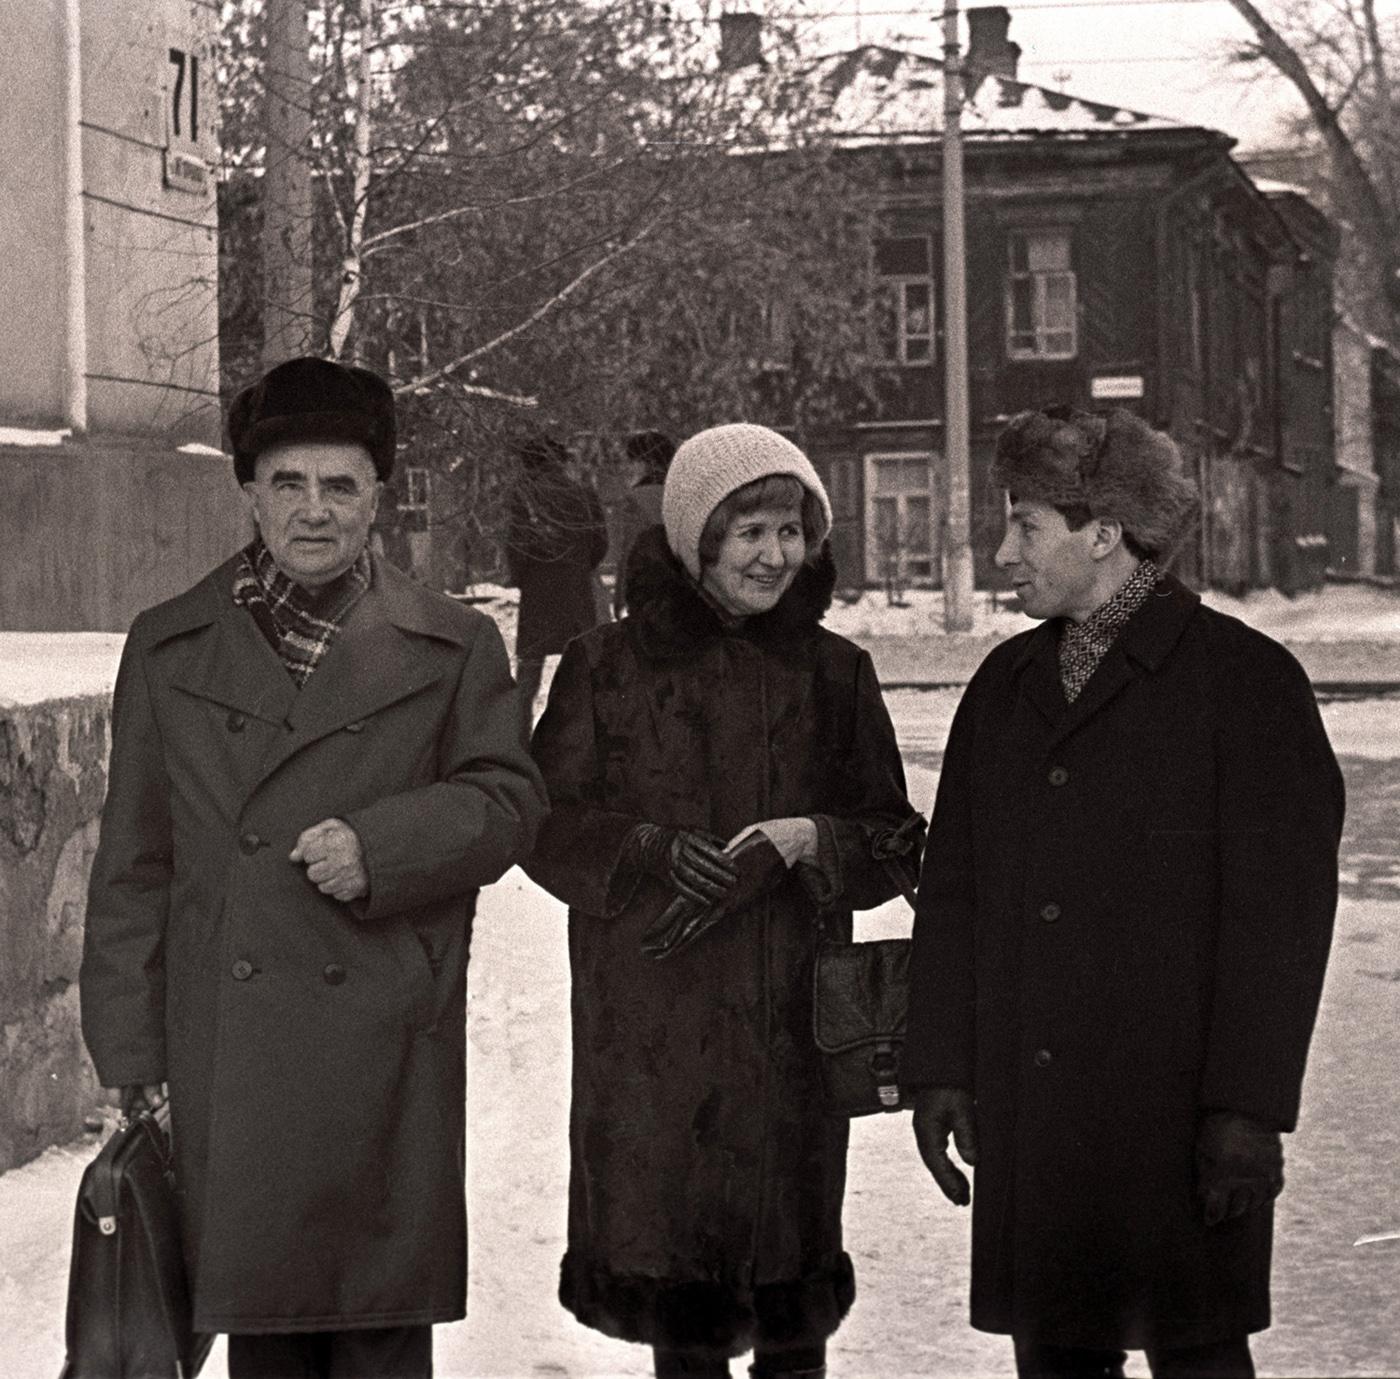 П. Ф. Беликов, Э. В. Паршина, Г. Г. Гаврилов после премьеры фильма